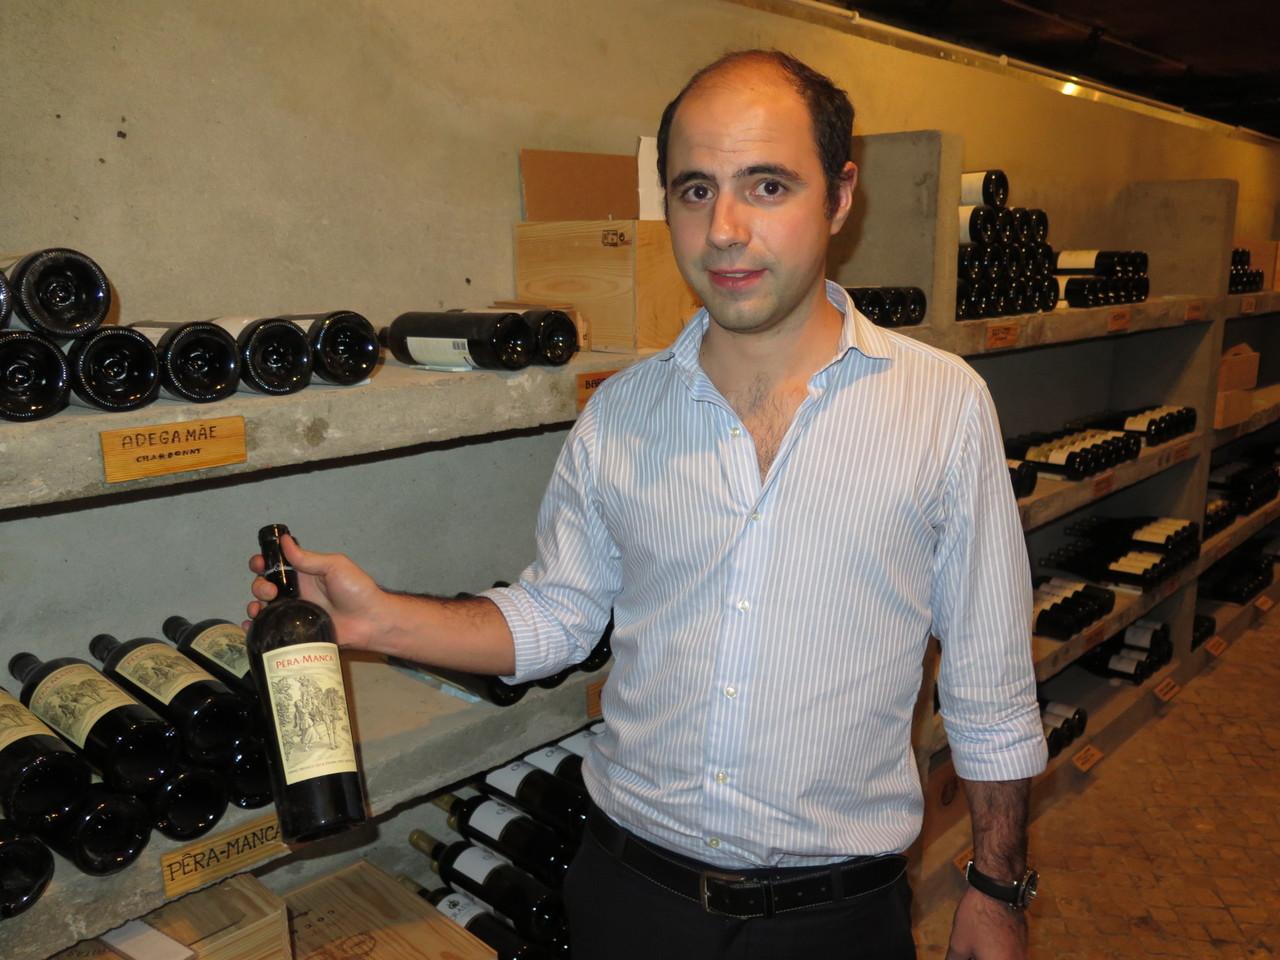 Visita guiada à garrafeira do PORTO DE SANTA MARIA com o proprietário Rodrigo Saragga